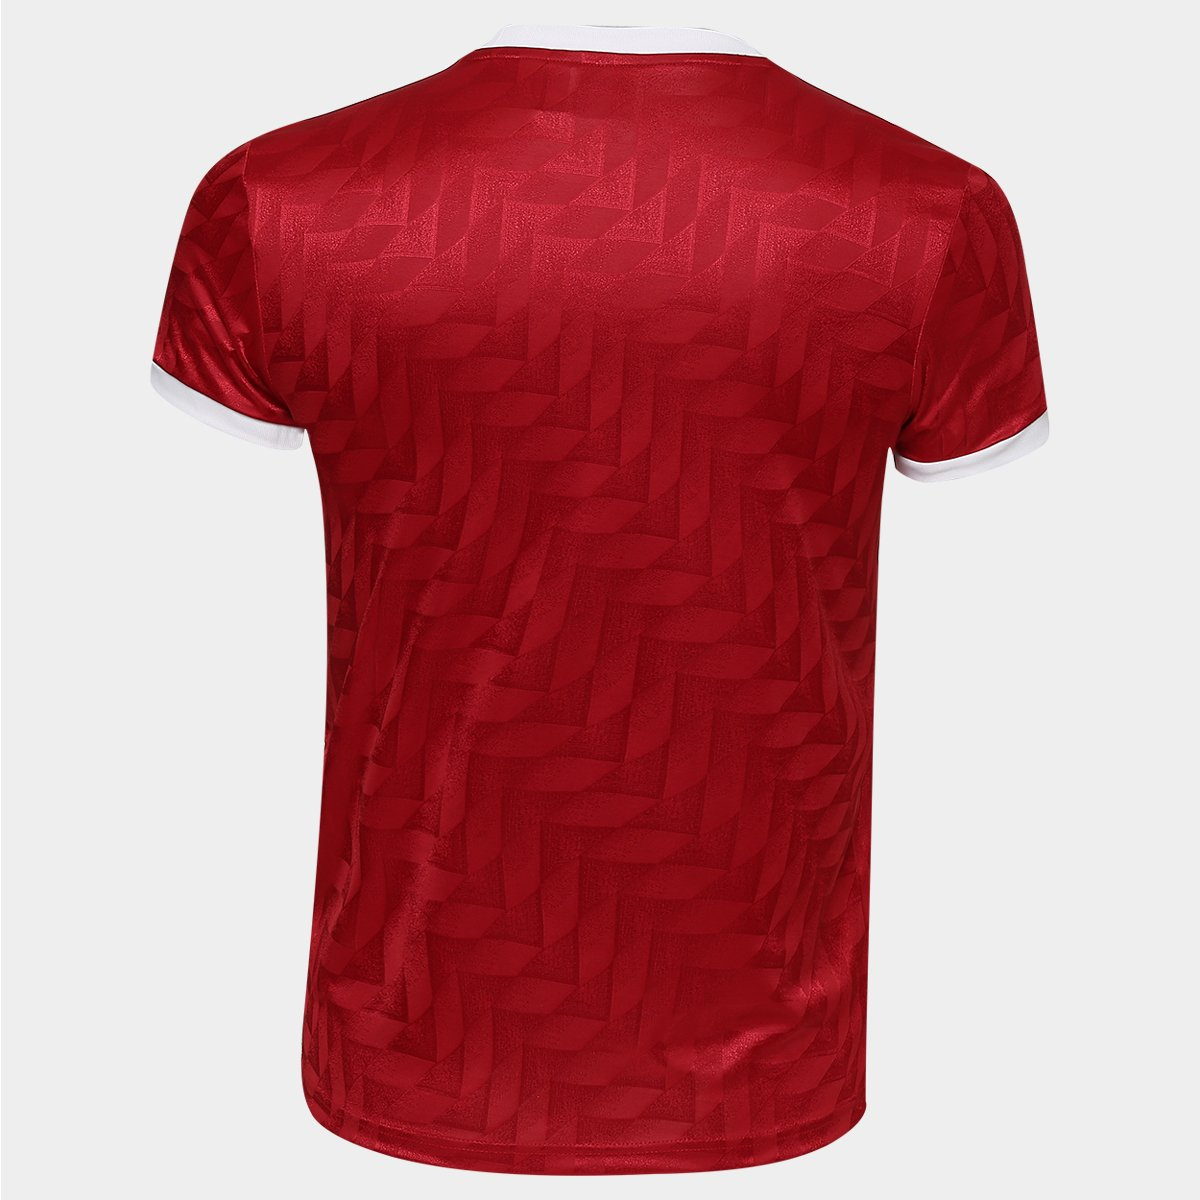 Camisa União Soviética Retrô Home 1982 Adidas Masculina - Compre ... c5c946fd44889